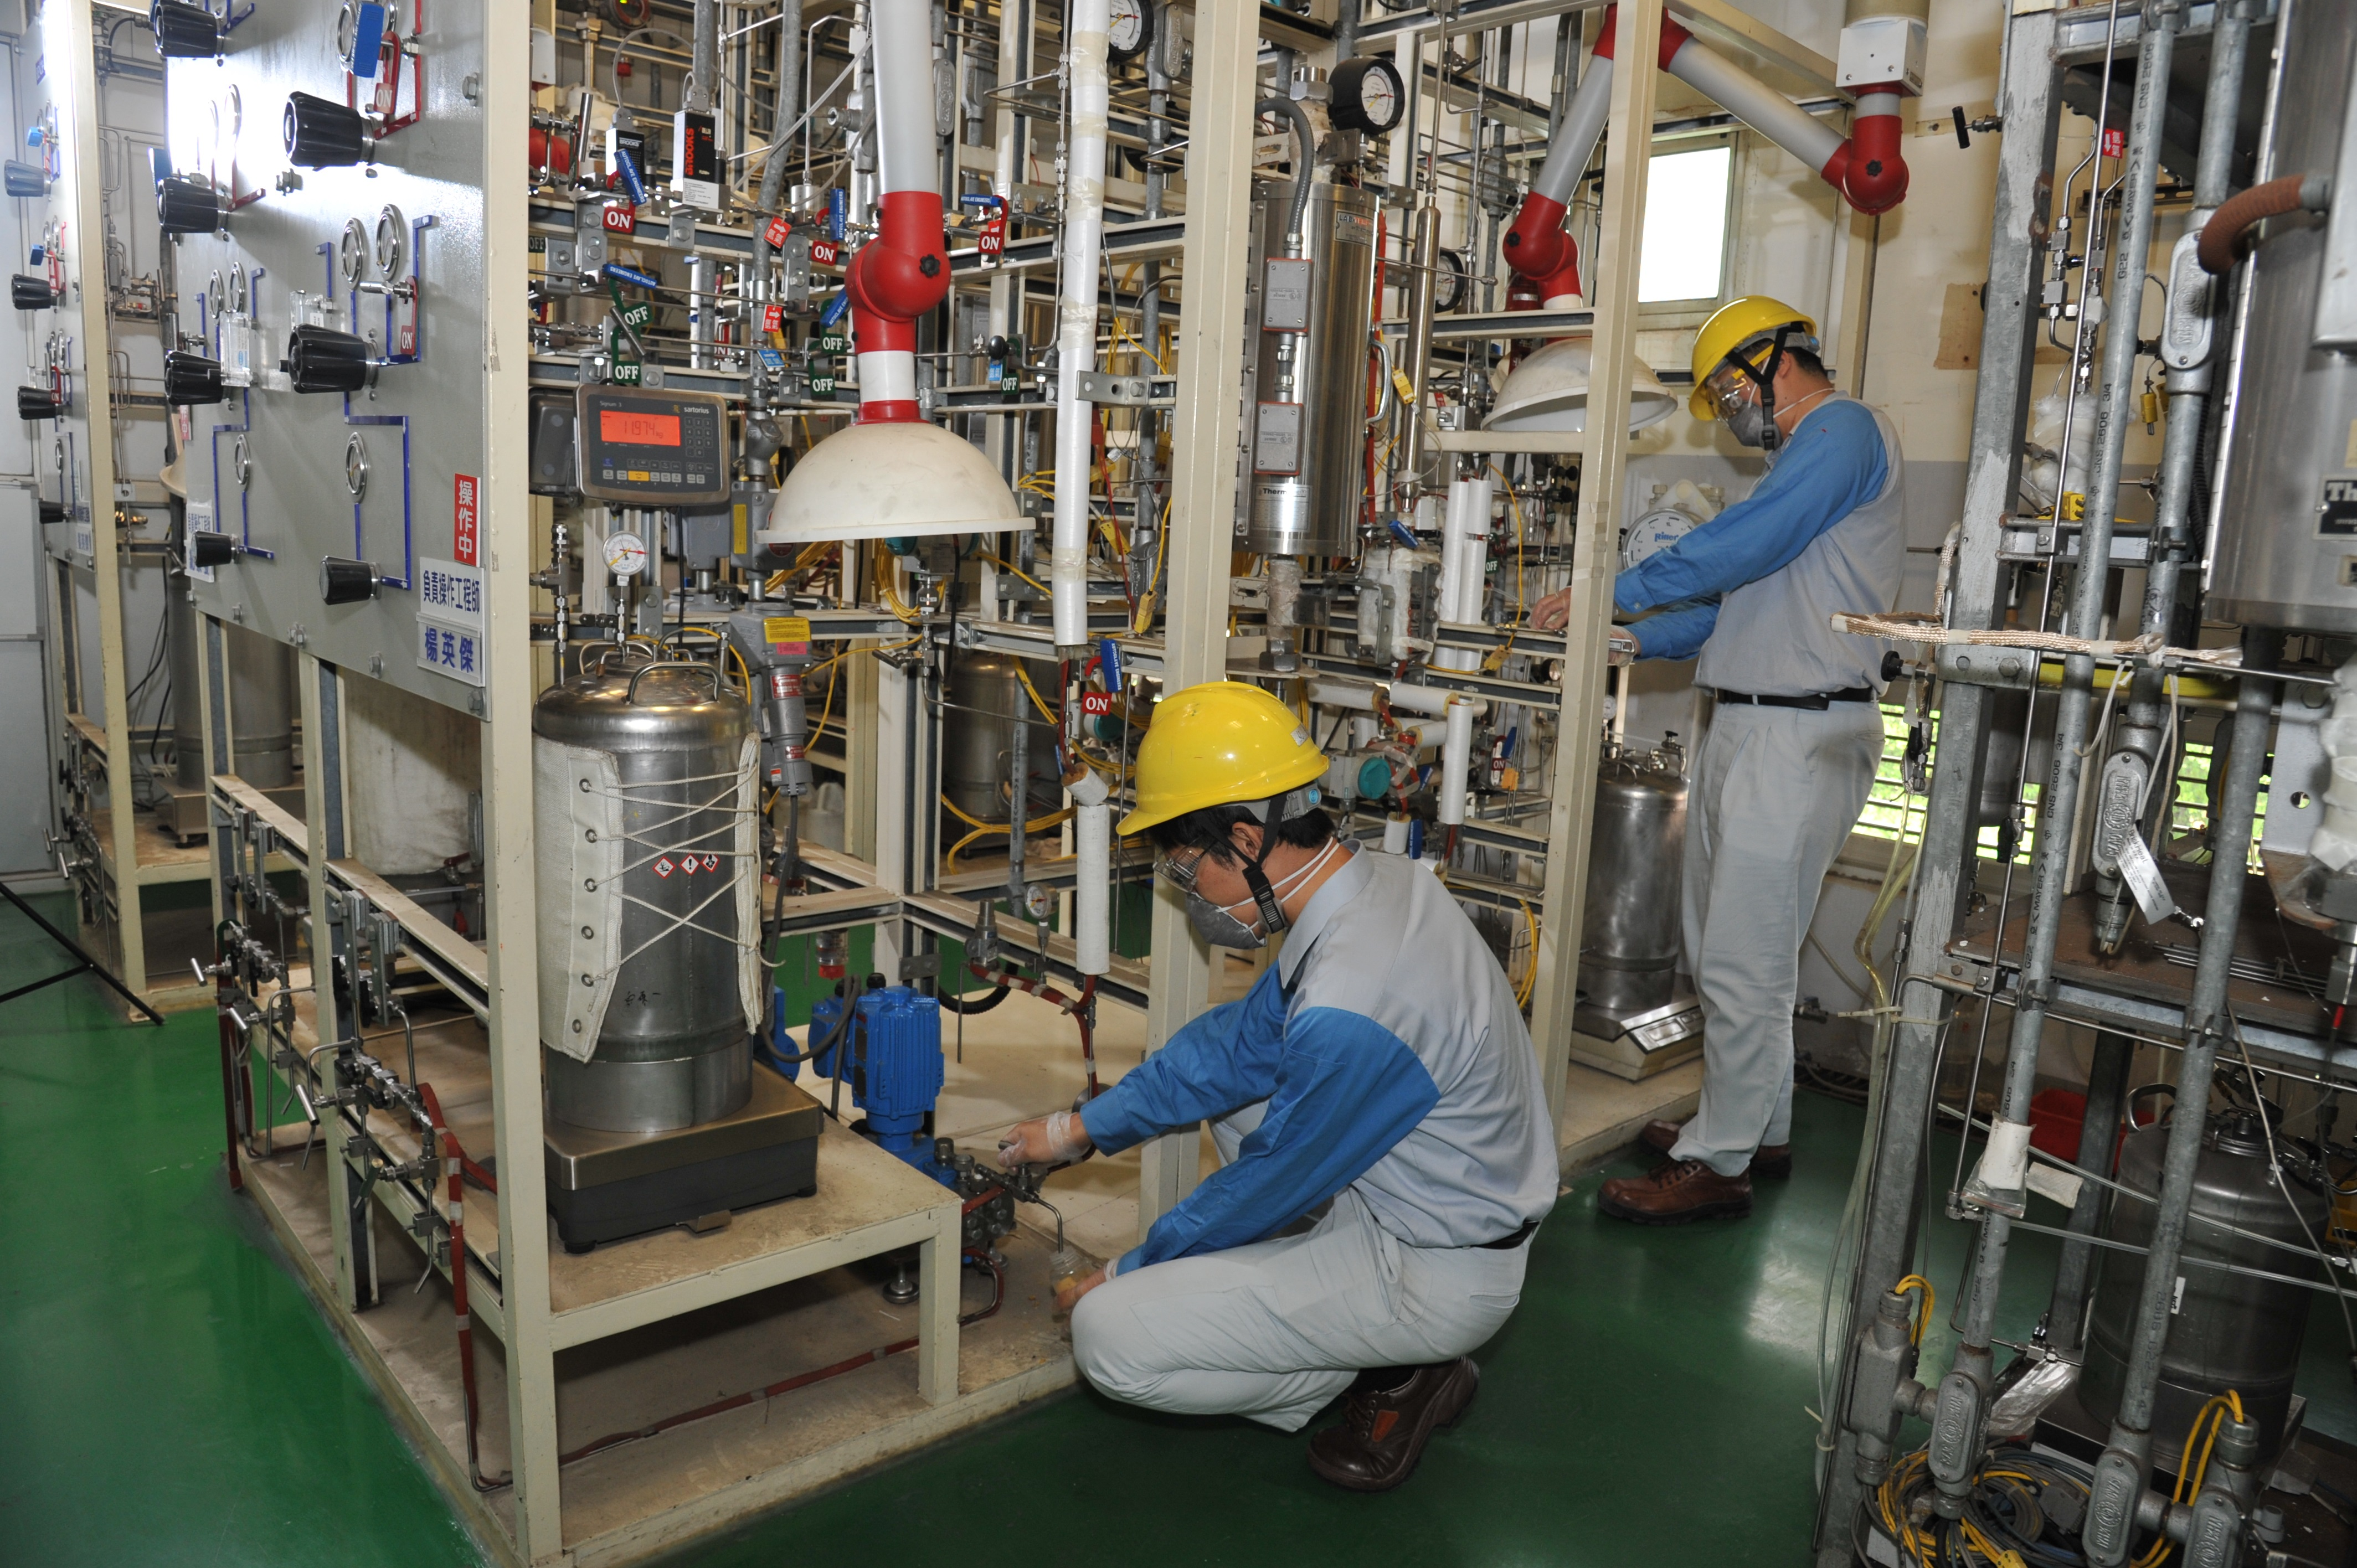 研究成員正在操作反應設備